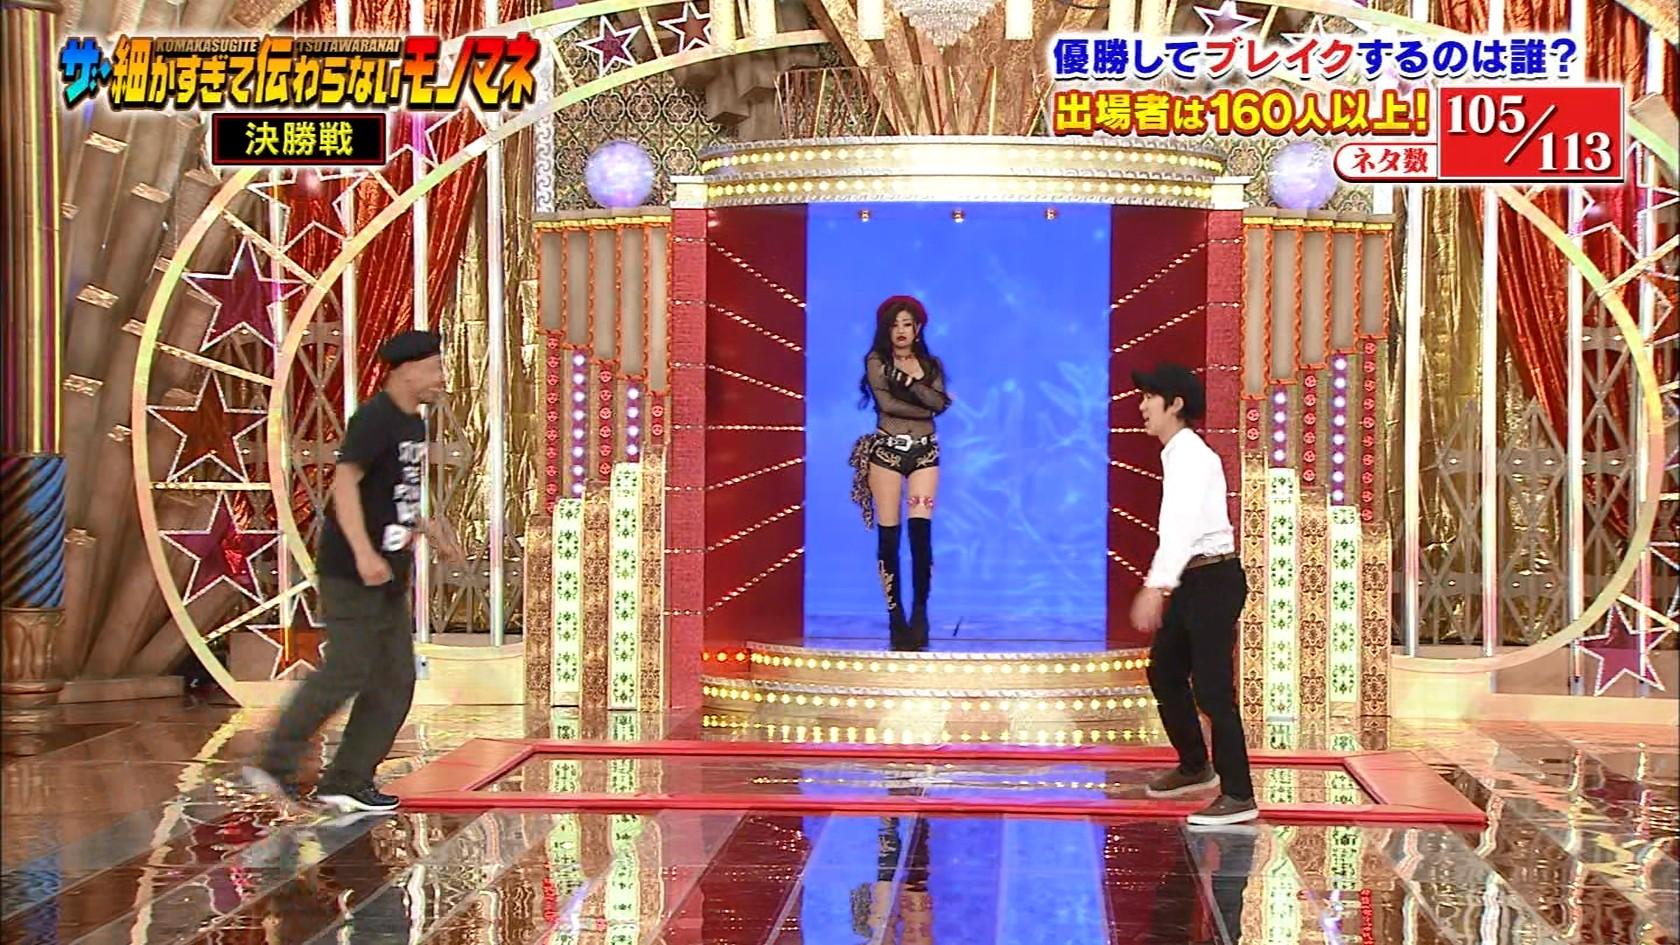 2019年12月14日に放送された「細かすぎて伝わらないモノマネ」に出演したあべみほさんのテレビキャプチャー画像-060